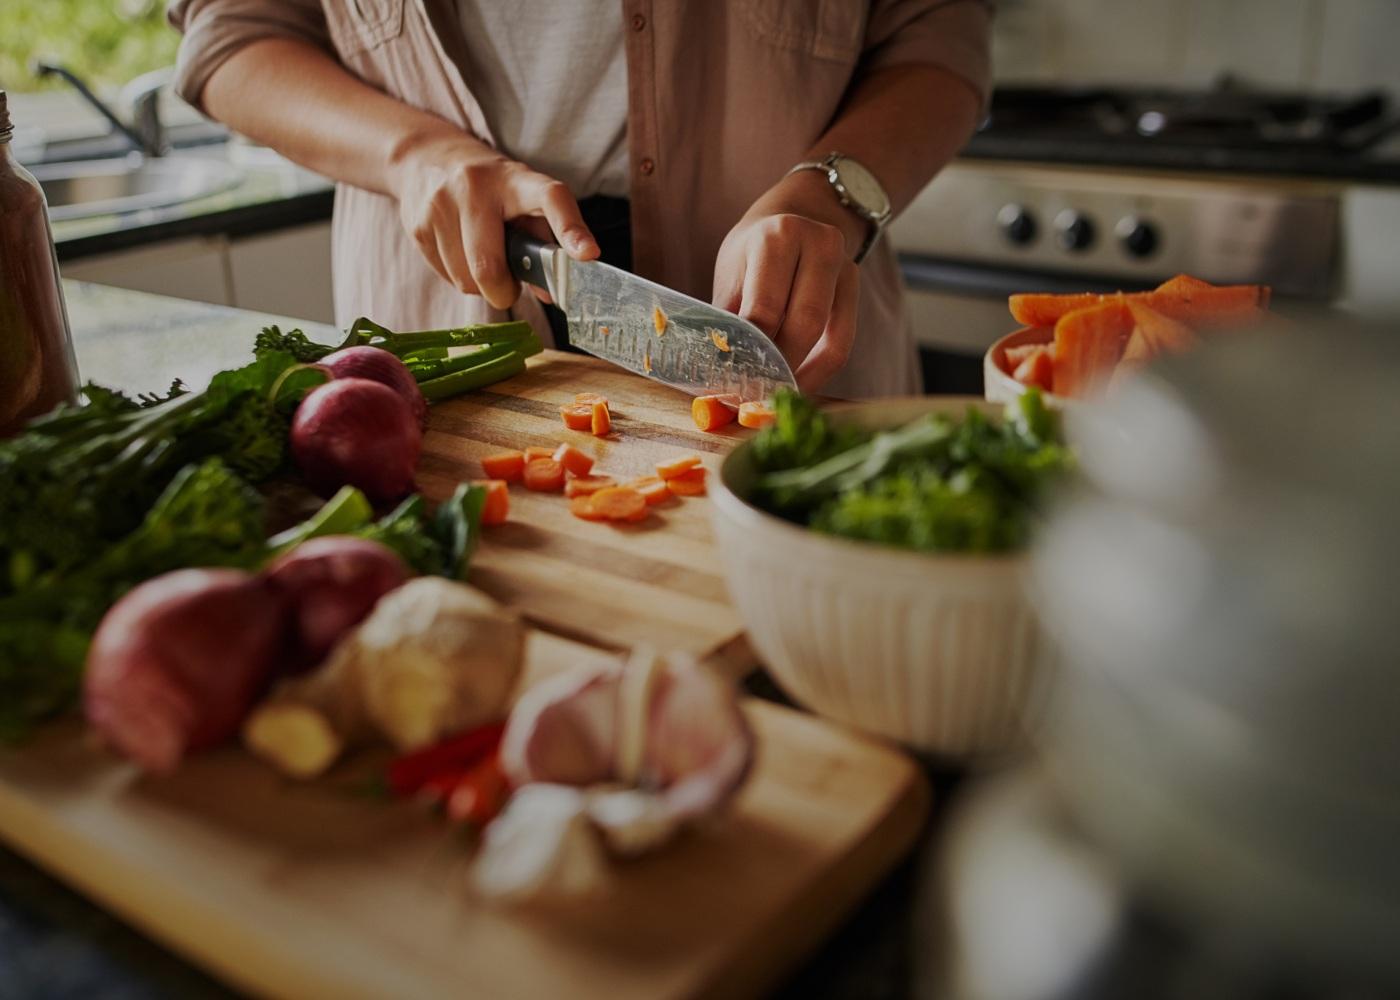 preparar alimentos